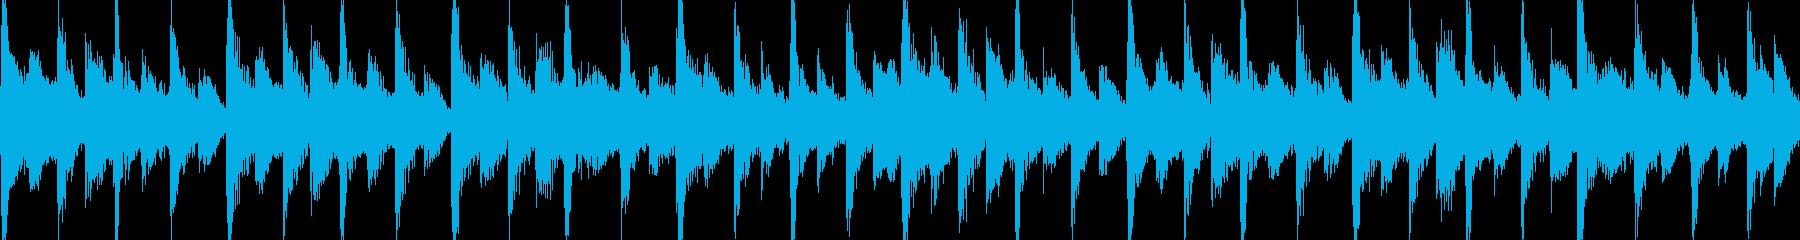 80年代のポップロック調のジングルループの再生済みの波形